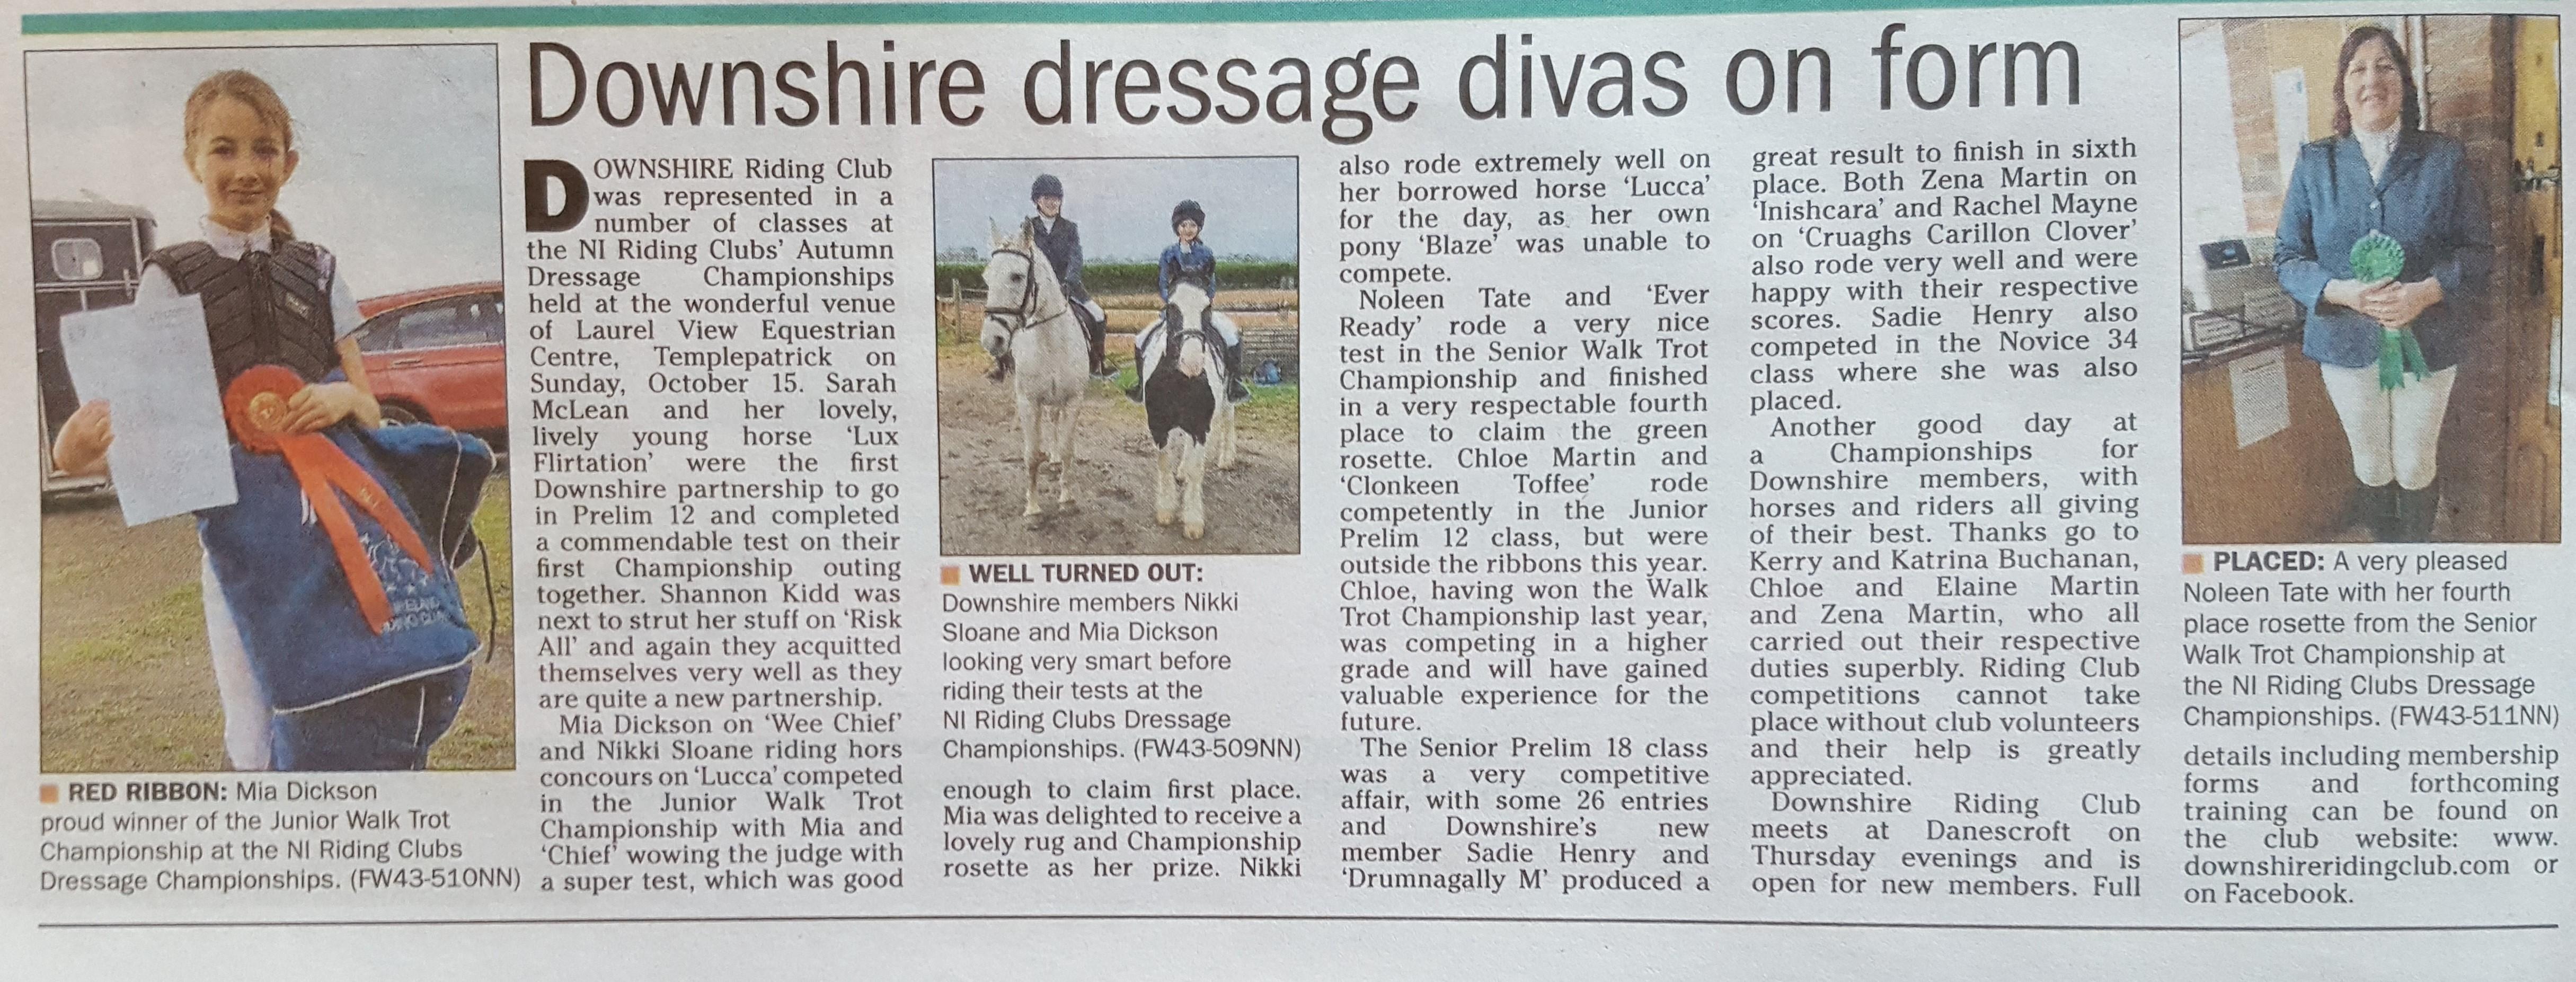 Downshire Dressage Divas